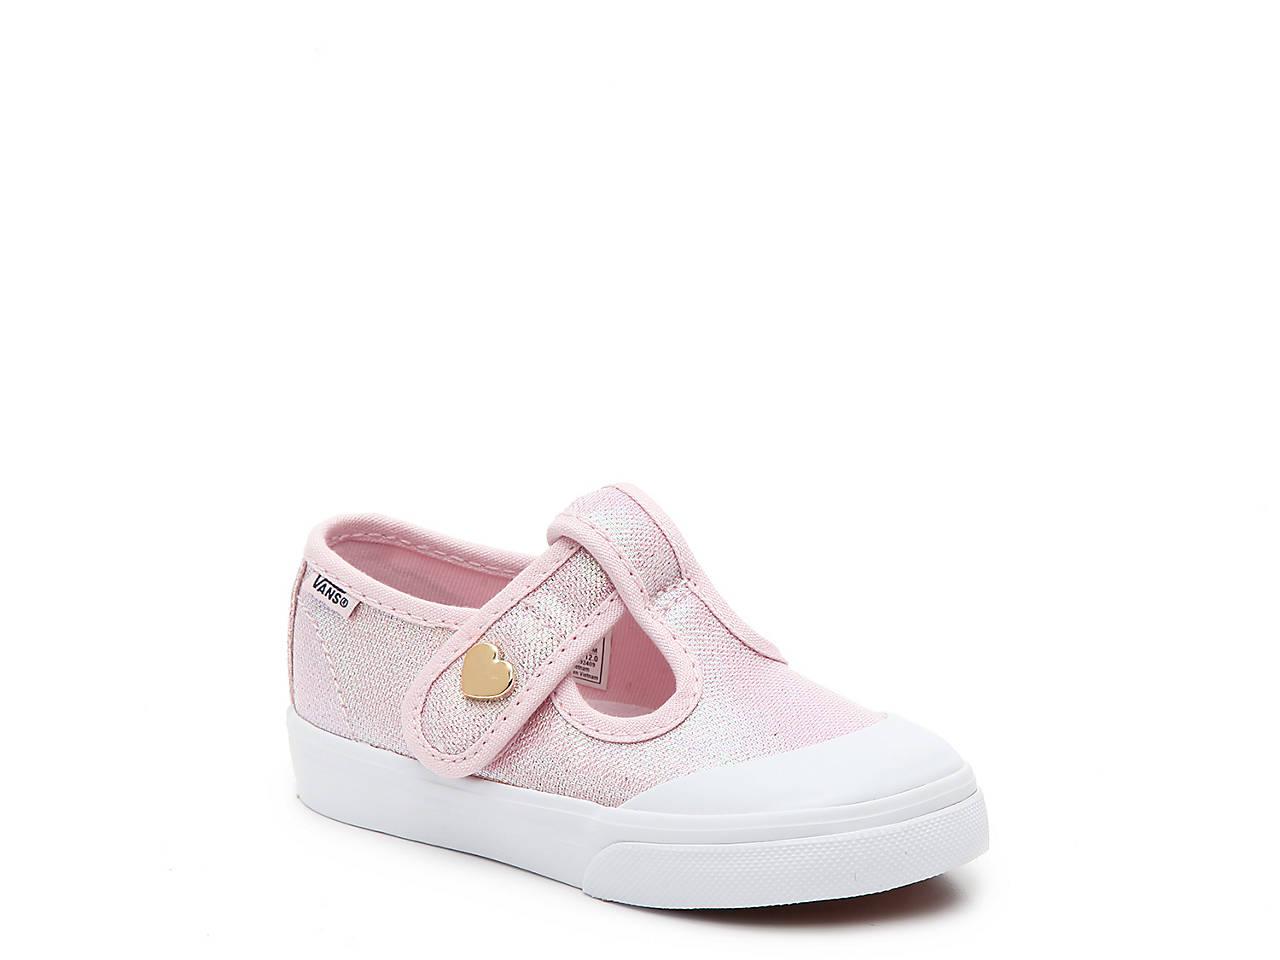 d656bd08f67d15 Vans Leena Infant   Toddler Mary Jane Sneaker Kids Shoes